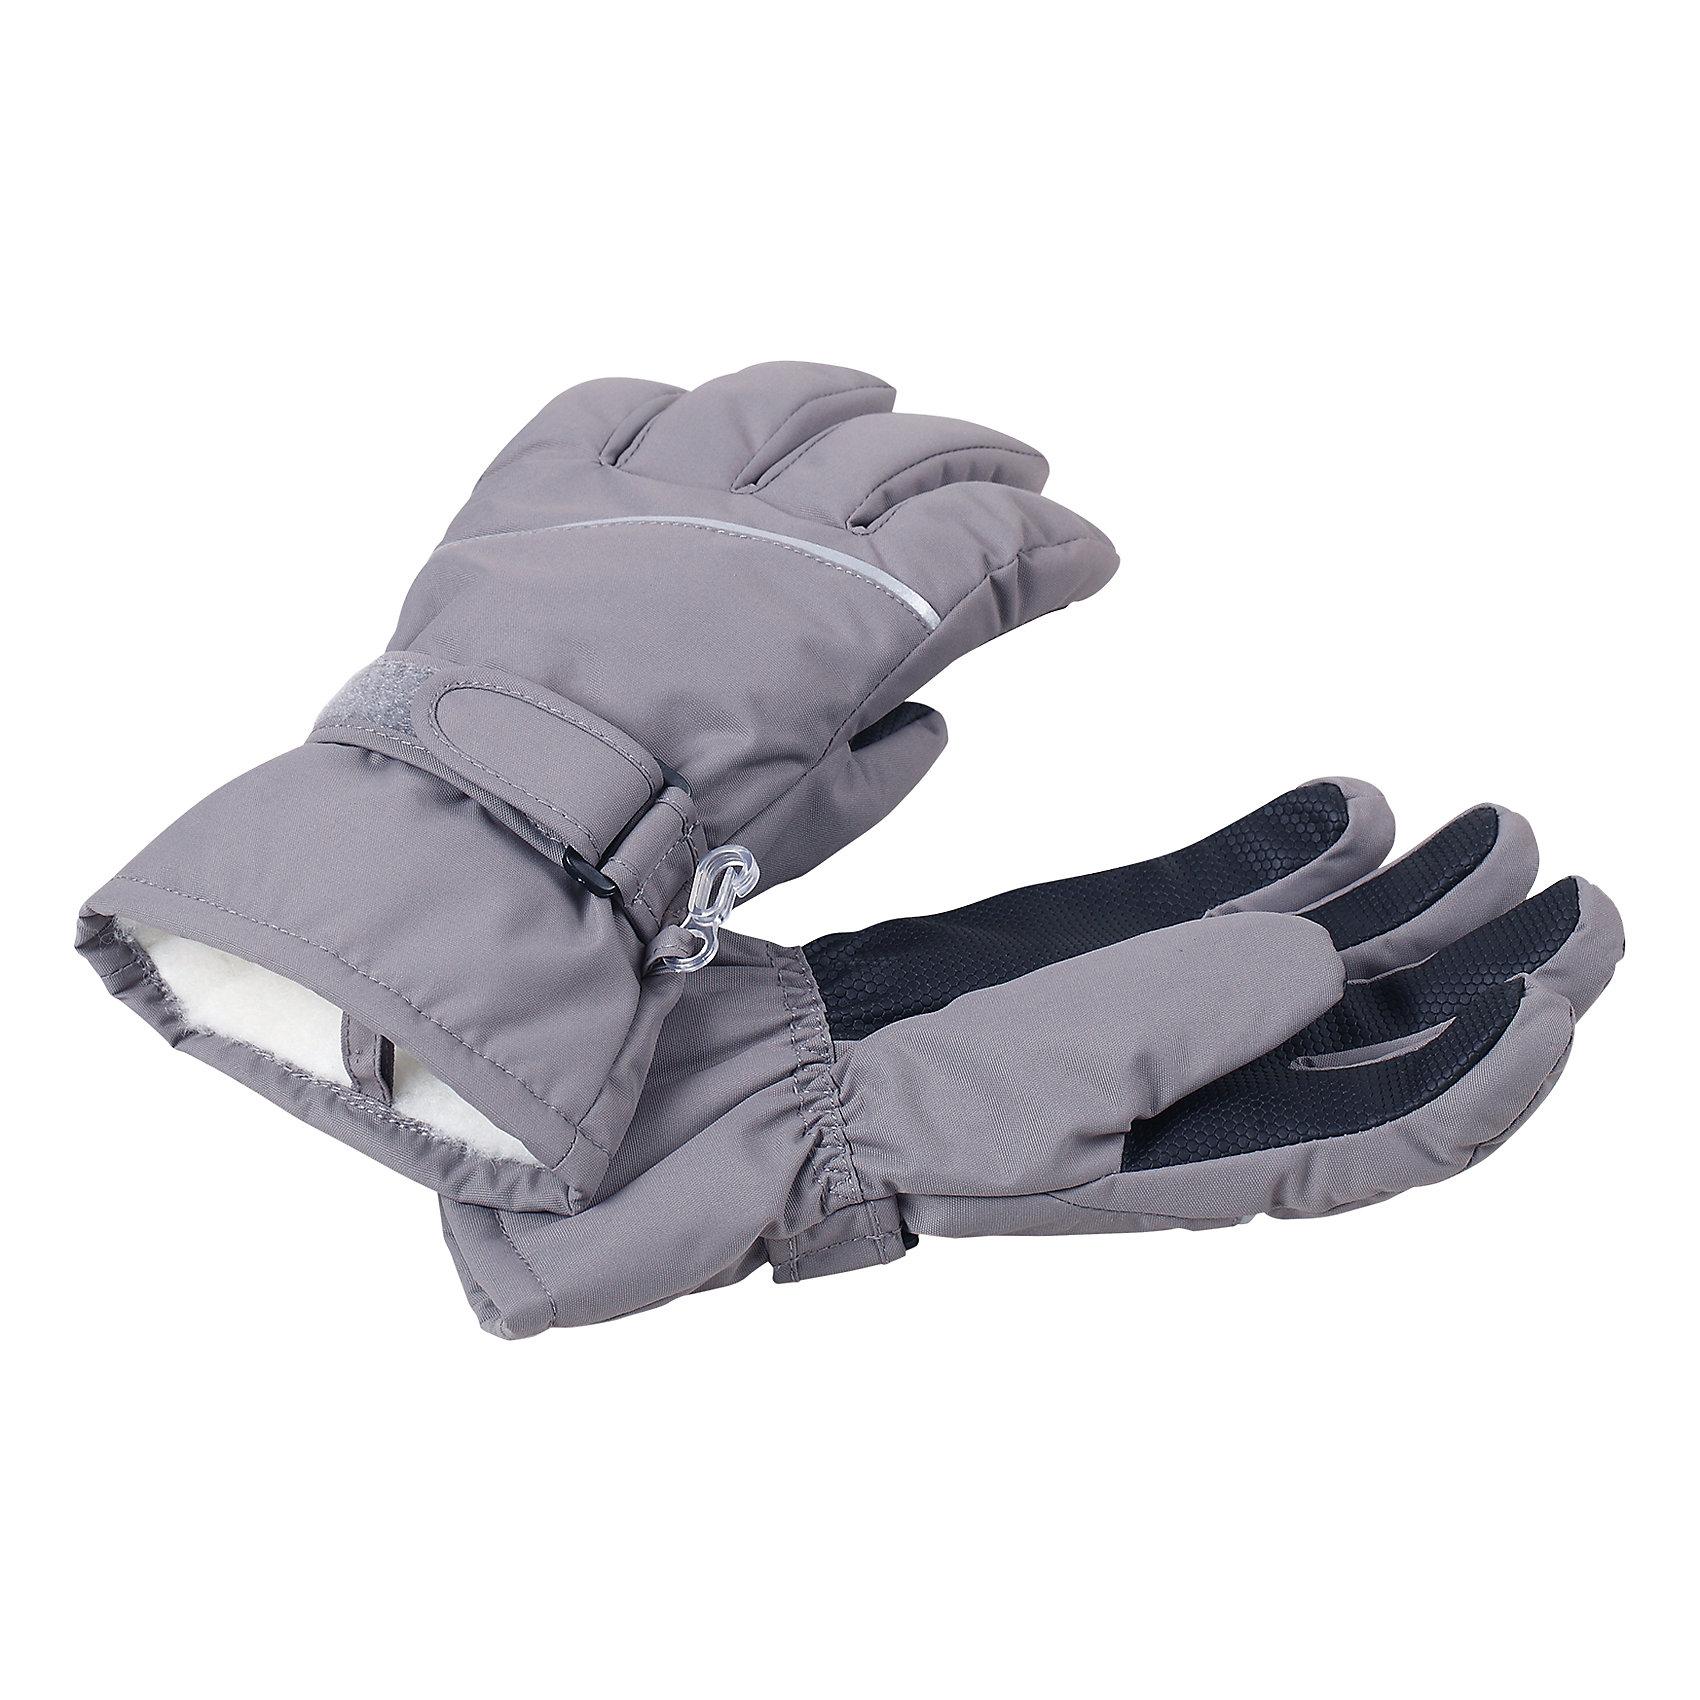 Перчатки Harald ReimaПерчатки, варежки<br>Перчатки  Reima<br>Зимние перчатки для детей. Водонепроницаемый материал, вставки отсутствуют — товар не является водонепроницаемым. Водо- и ветронепроницаемый и грязеотталкивающий материал. Накладки на ладонях, кончиках пальцев и больших пальцах. Теплая ворсистая подкладка из ткани из смеси шерсти. Средняя степень утепления. Простая застежка на липучке. Логотип Reima® сбоку. Светоотражающие полосы.<br>Утеплитель: Reima® Comfortinsulation,80 g<br>Уход:<br>Стирать по отдельности. Стирать моющим средством, не содержащим отбеливающие вещества. Полоскать без специального средства. Сушить при низкой температуре. <br>Состав:<br>100% Полиамид, полиуретановое покрытие<br><br>Ширина мм: 162<br>Глубина мм: 171<br>Высота мм: 55<br>Вес г: 119<br>Цвет: серый<br>Возраст от месяцев: 144<br>Возраст до месяцев: 168<br>Пол: Унисекс<br>Возраст: Детский<br>Размер: 8,3,4,5,6,7<br>SKU: 4779799